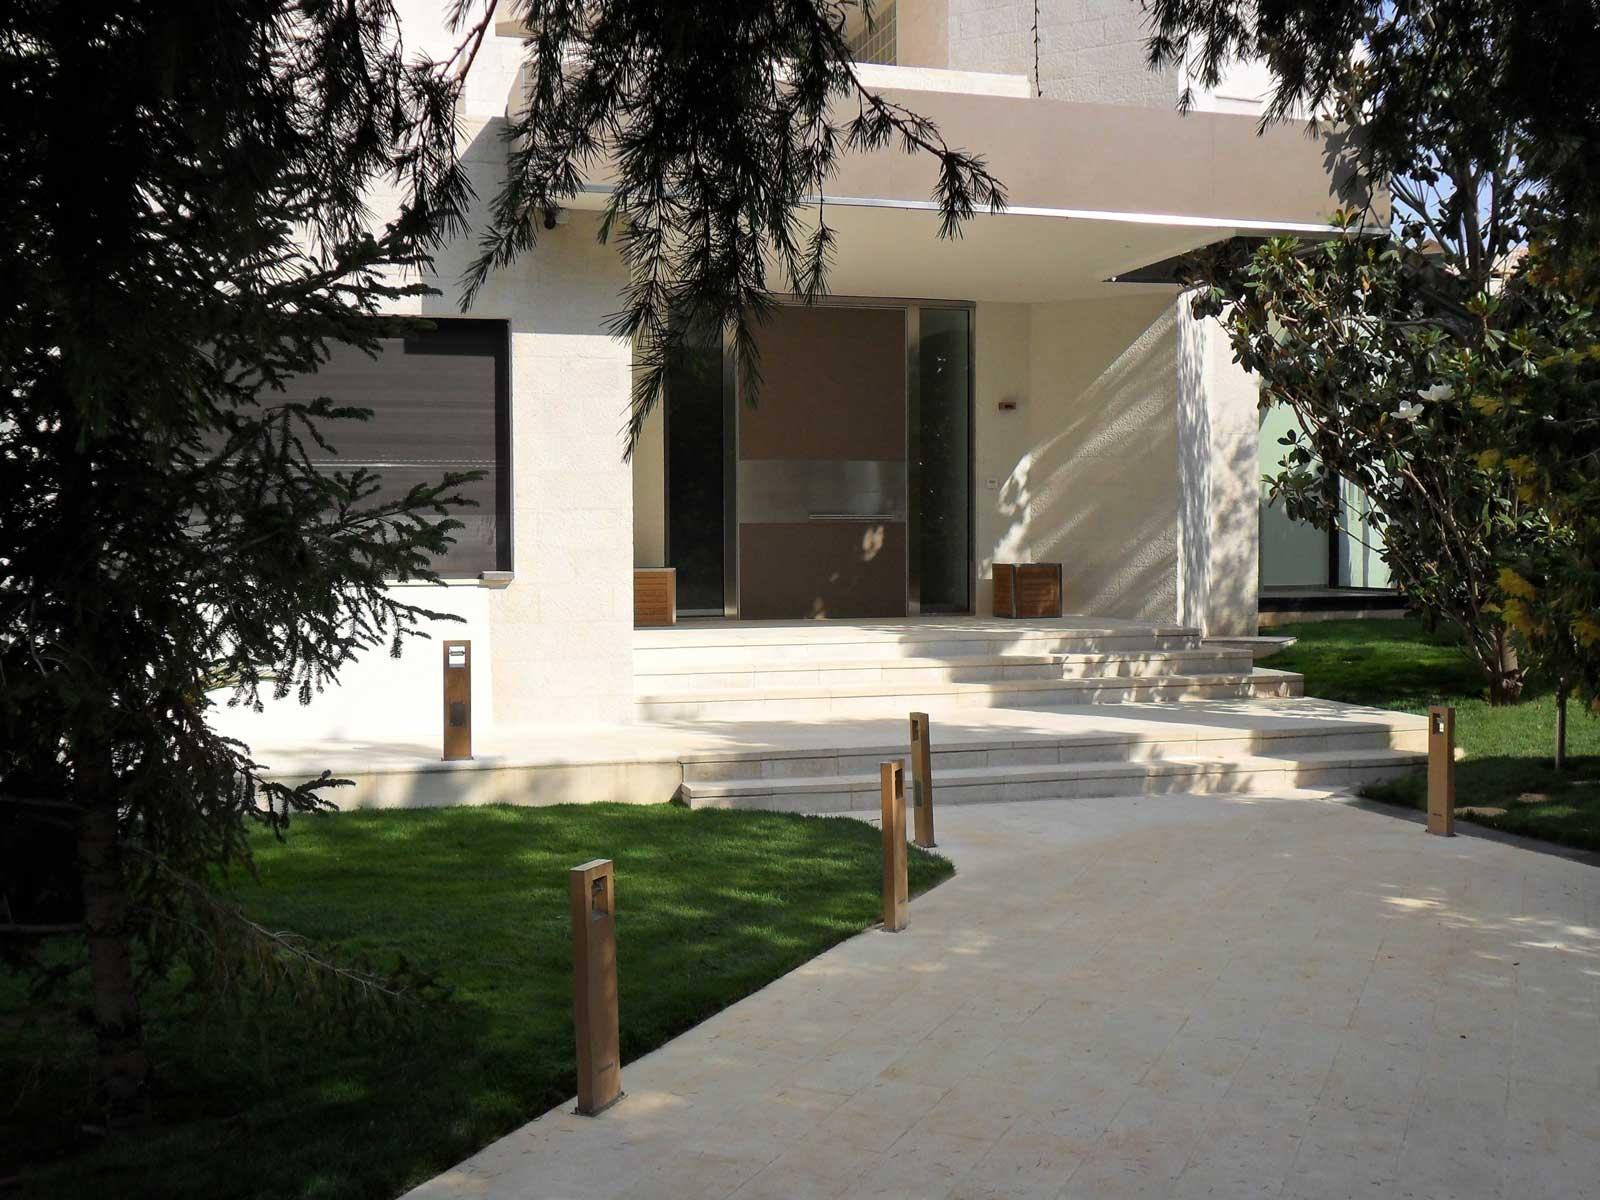 Puertas Oikos Amman 01 1600x1200 c